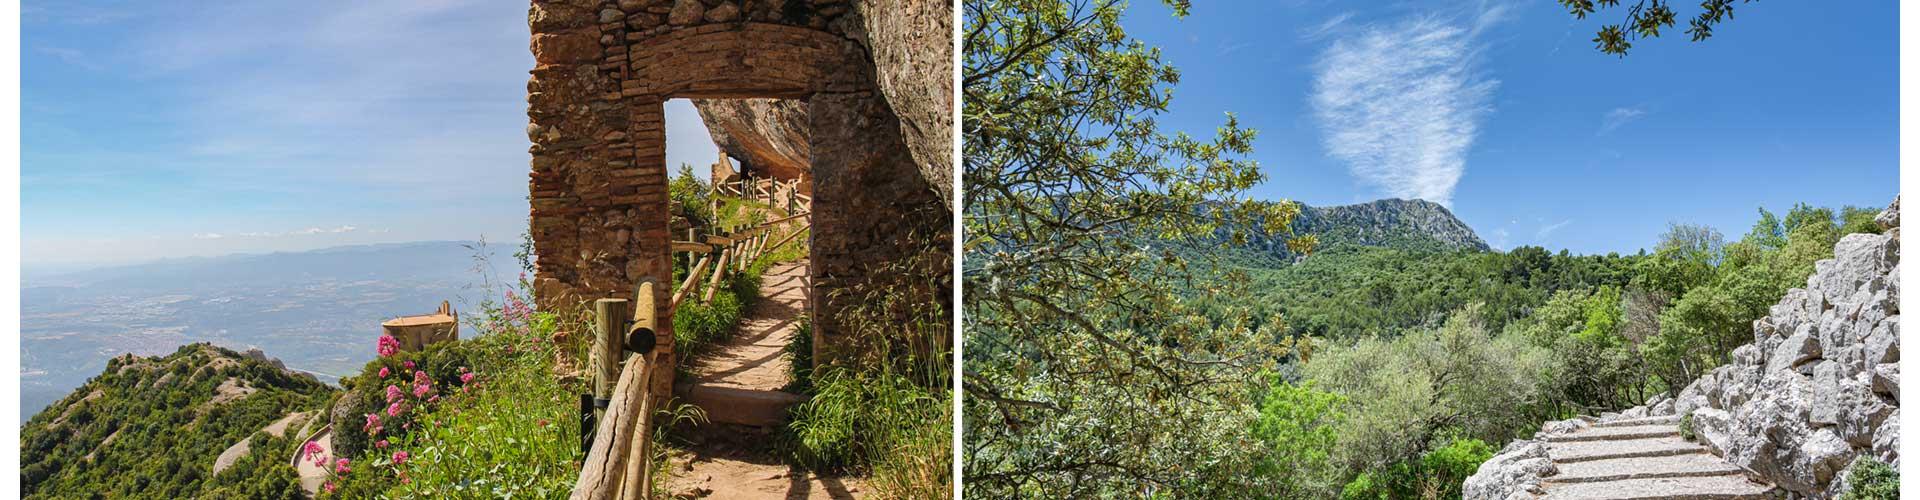 Pilgertagebuch jakobsweg wandern natur spanien frankreich